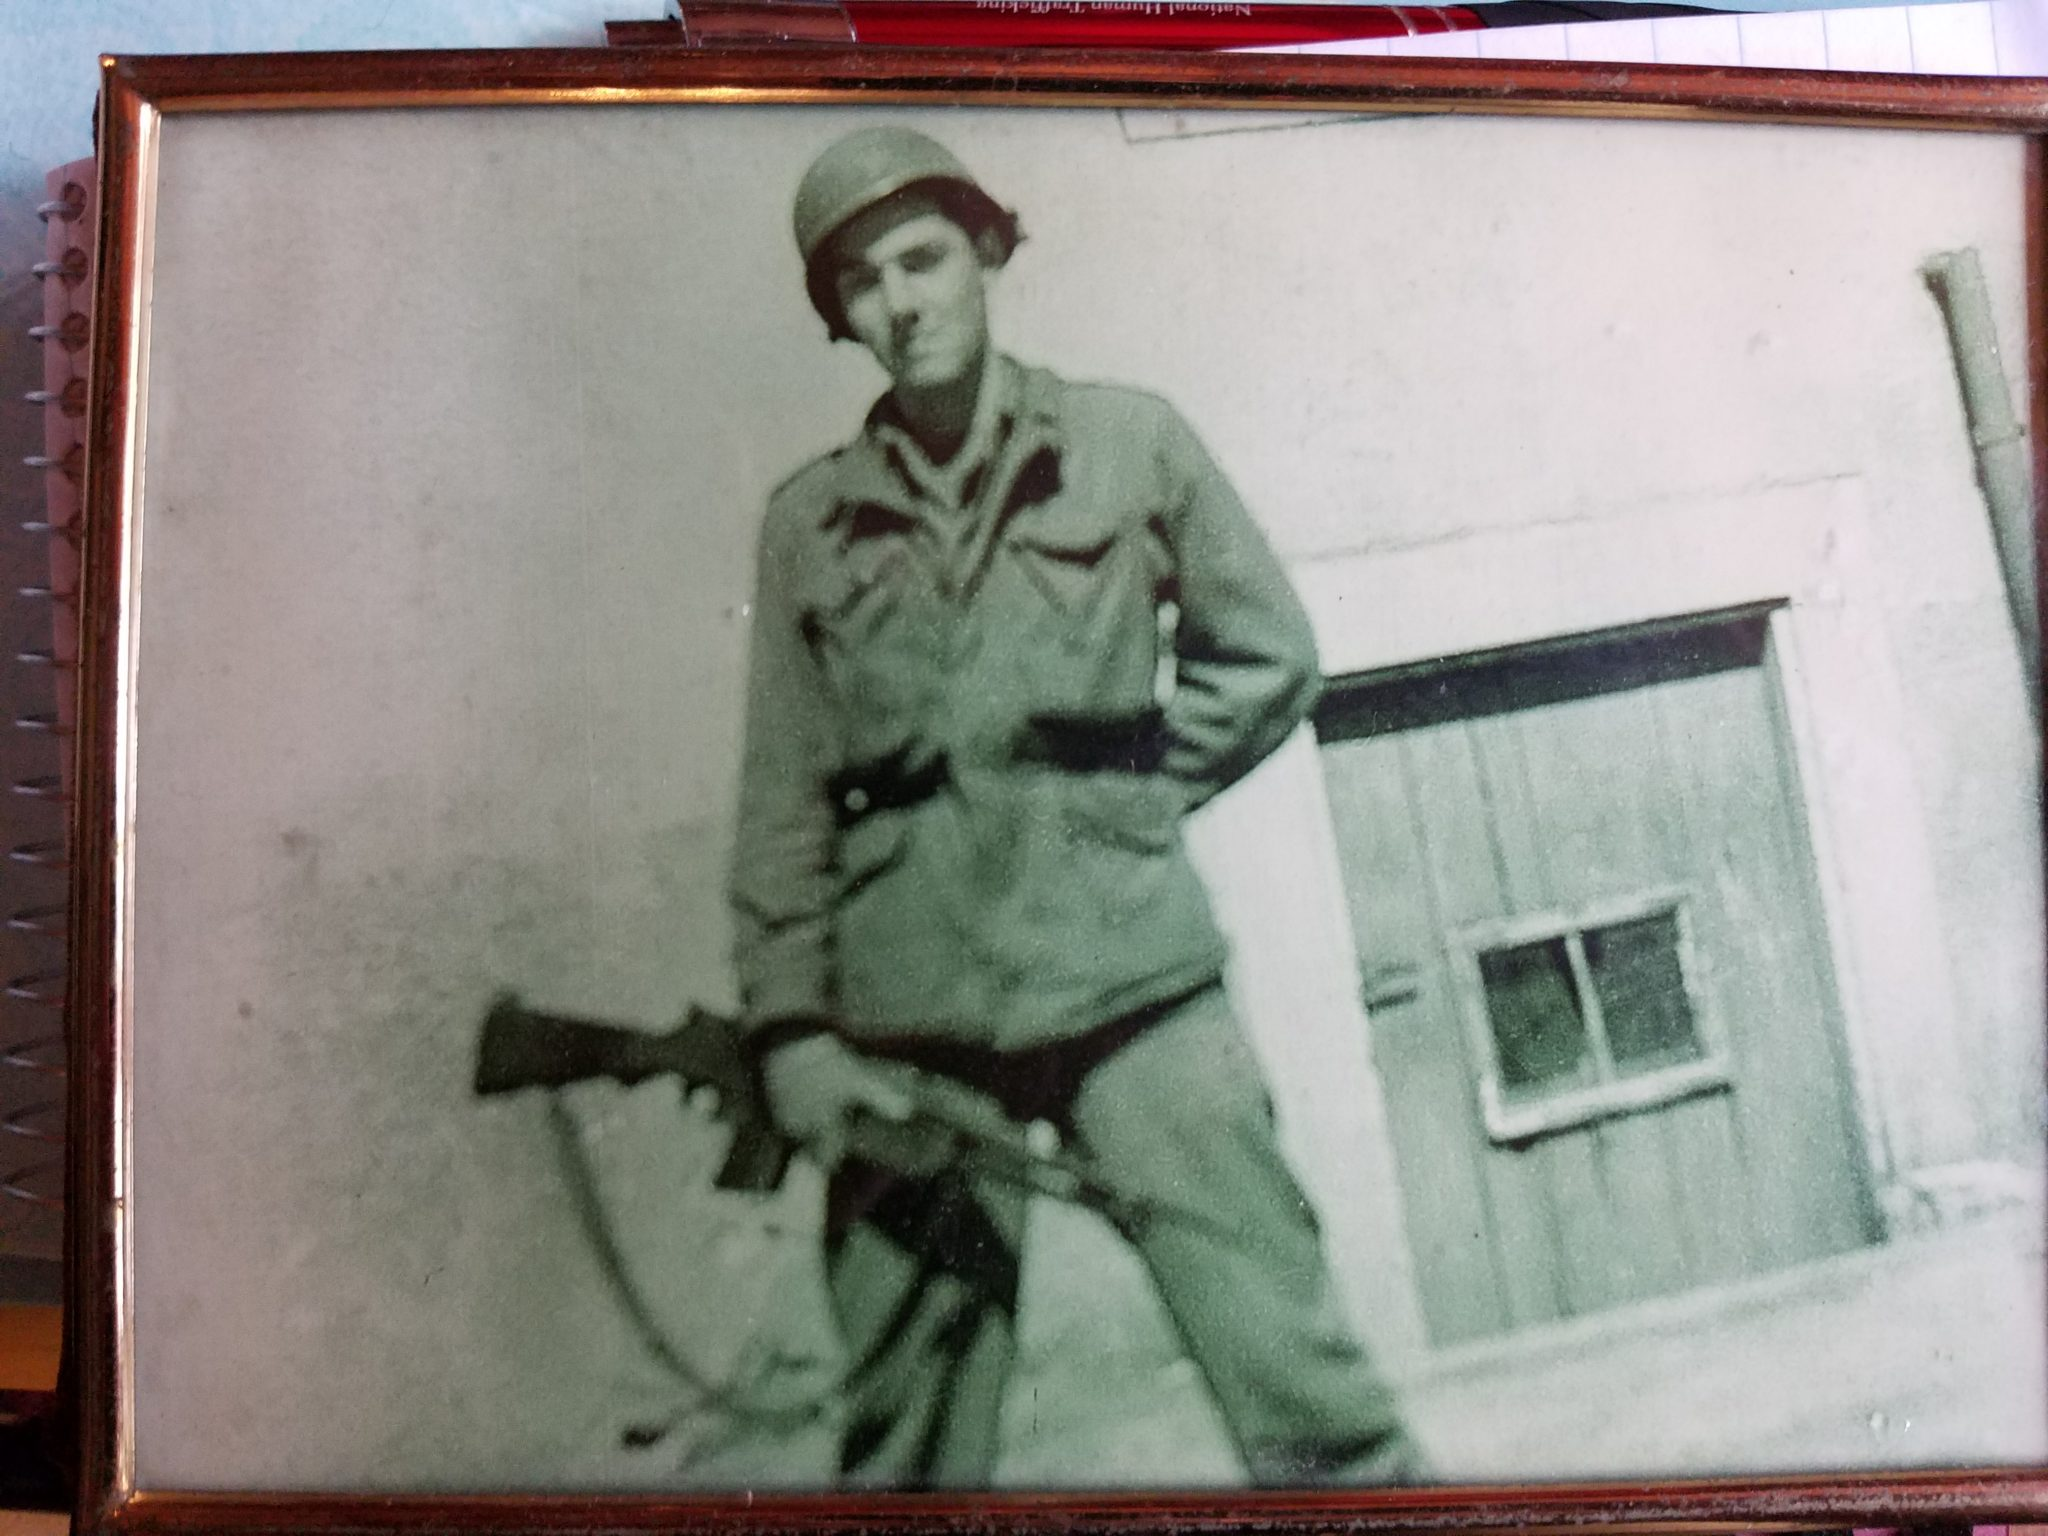 Dresden resident remembers World War II